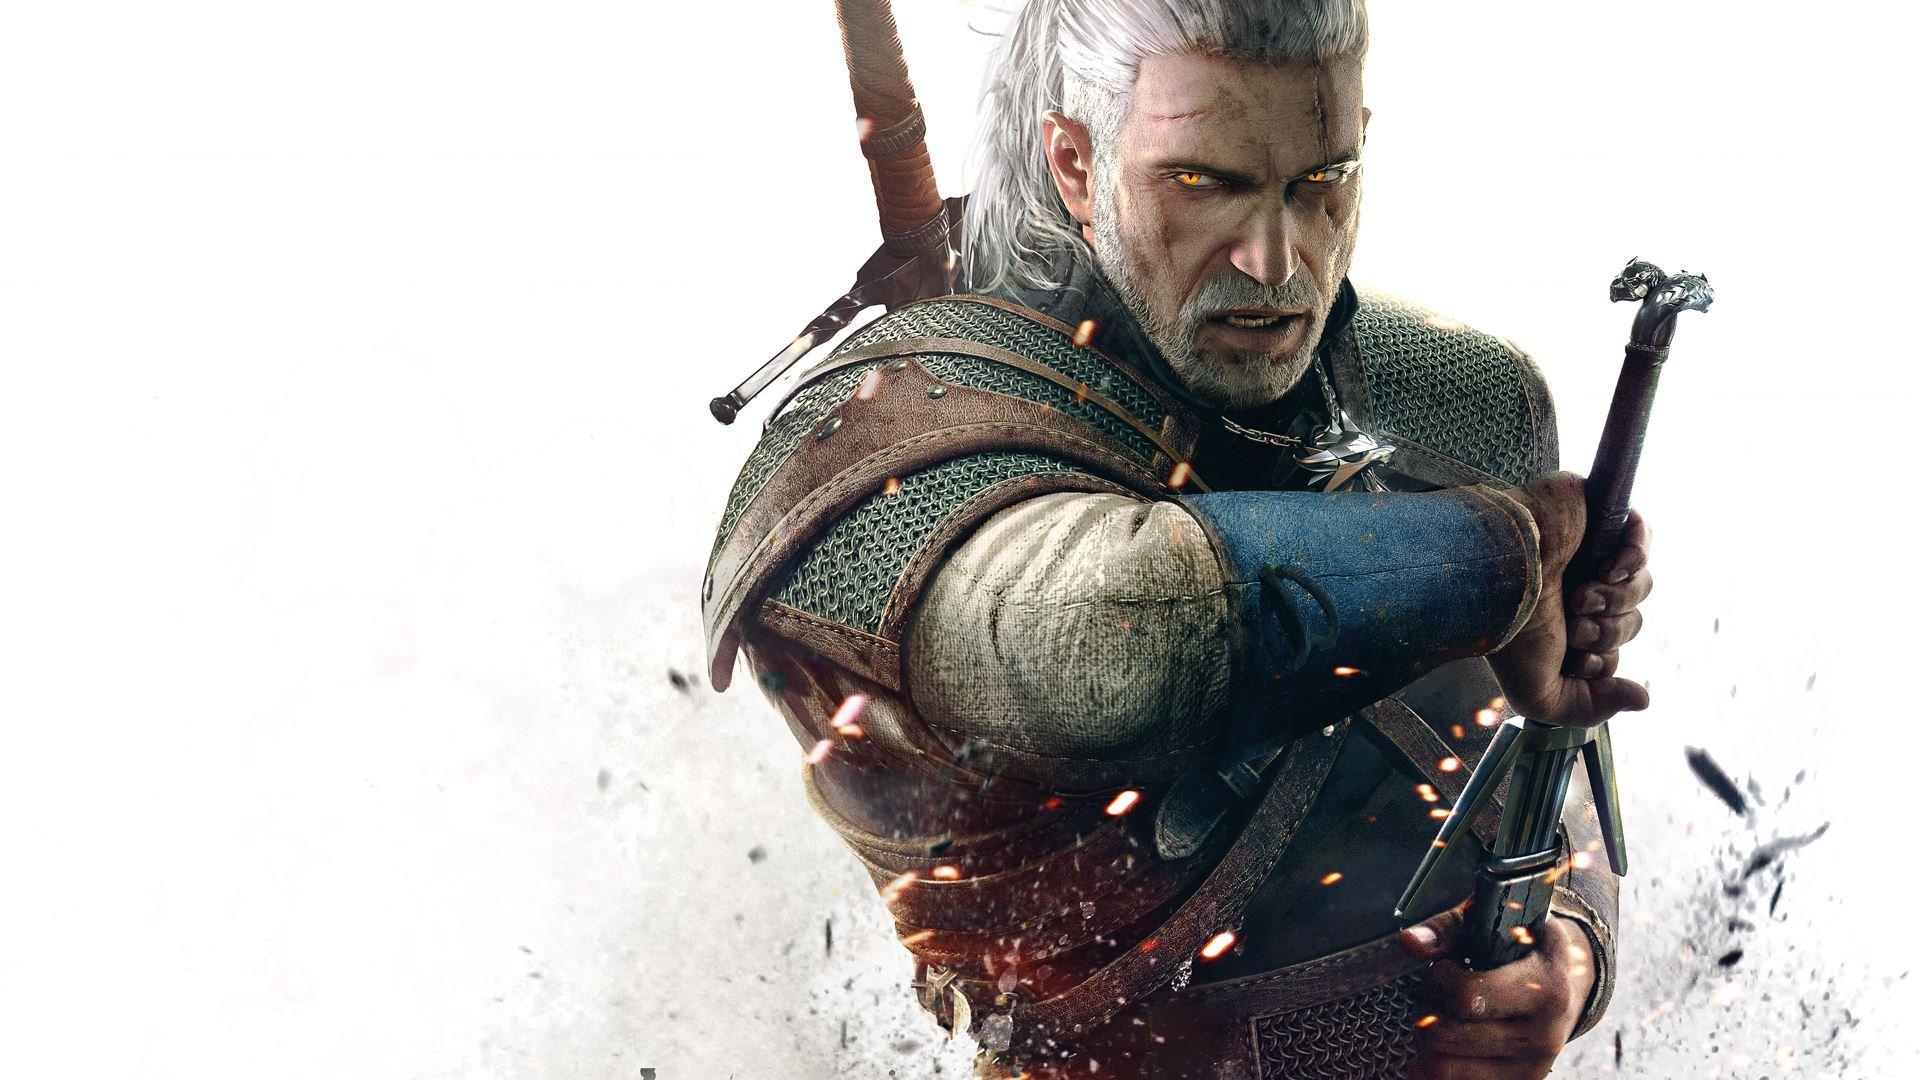 В The Witcher 3 не будет открытого мира. Будут отдельные, не связанные друг с другом локации как Dragon Age: Inquis .... - Изображение 1